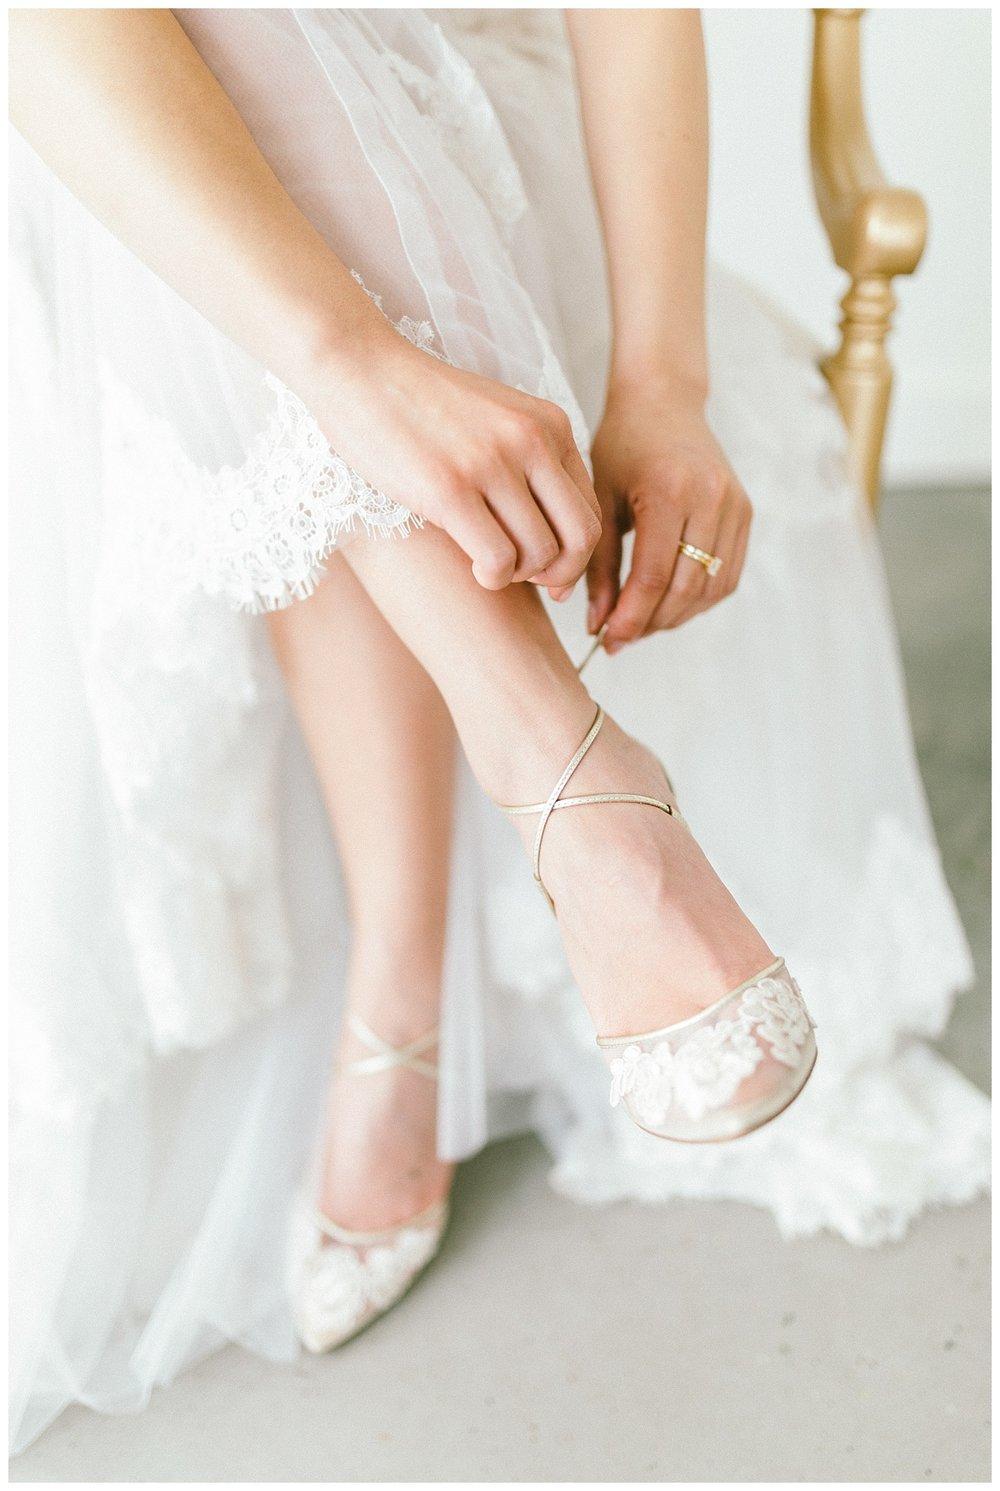 Hong Kong Fine Art Wedding Prewedding Photographer 00010.jpg